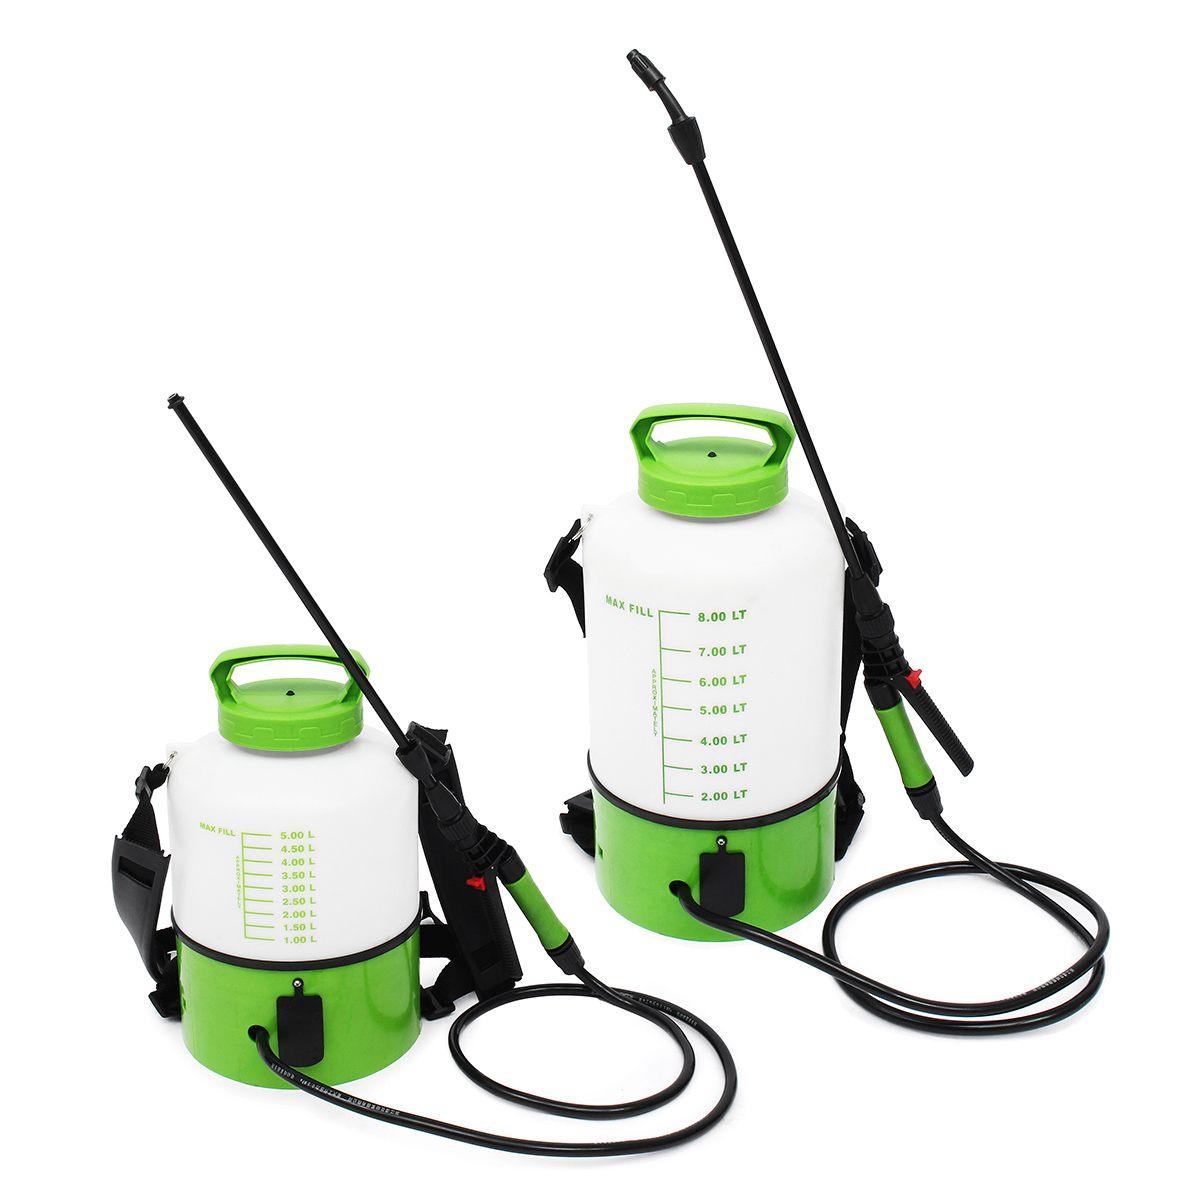 Ранцевый электрический распылитель, распылитель 5/8 л, распылитель пыли, сельскохозяйственная поливочная машина, насос для полива, садовые инструменты, принадлежности